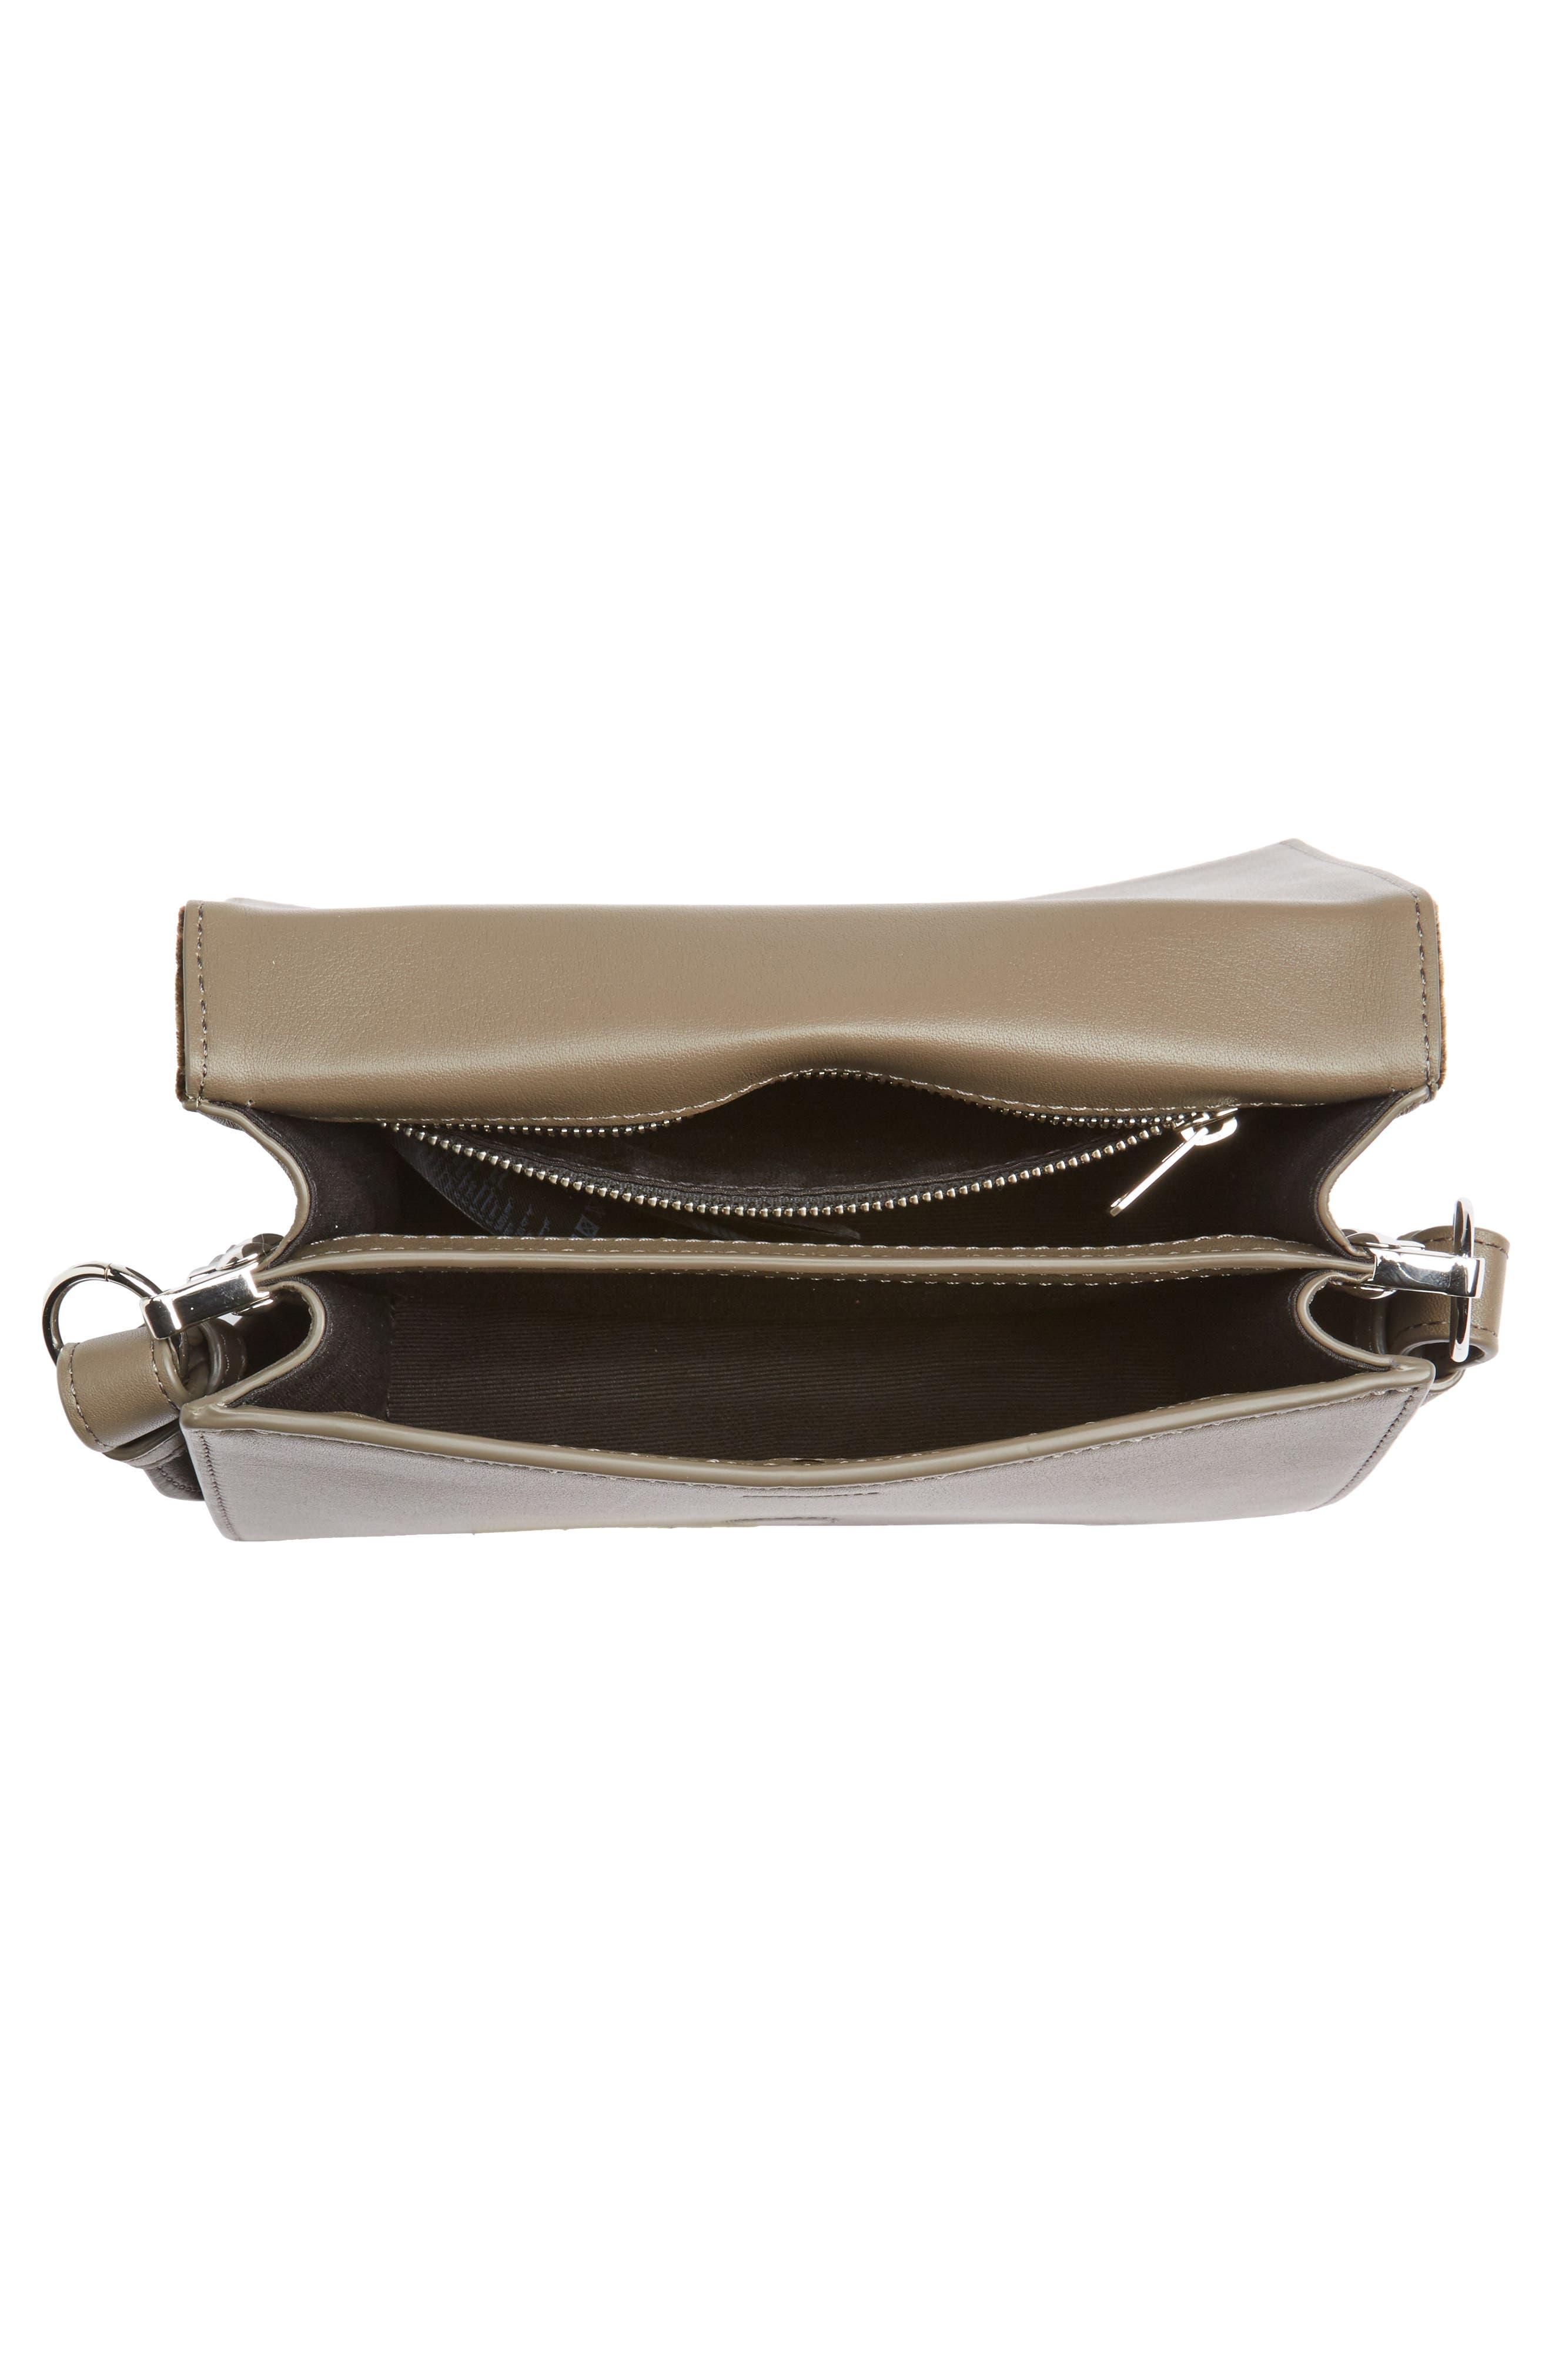 Keel Shoulder Bag,                             Alternate thumbnail 5, color,                             024